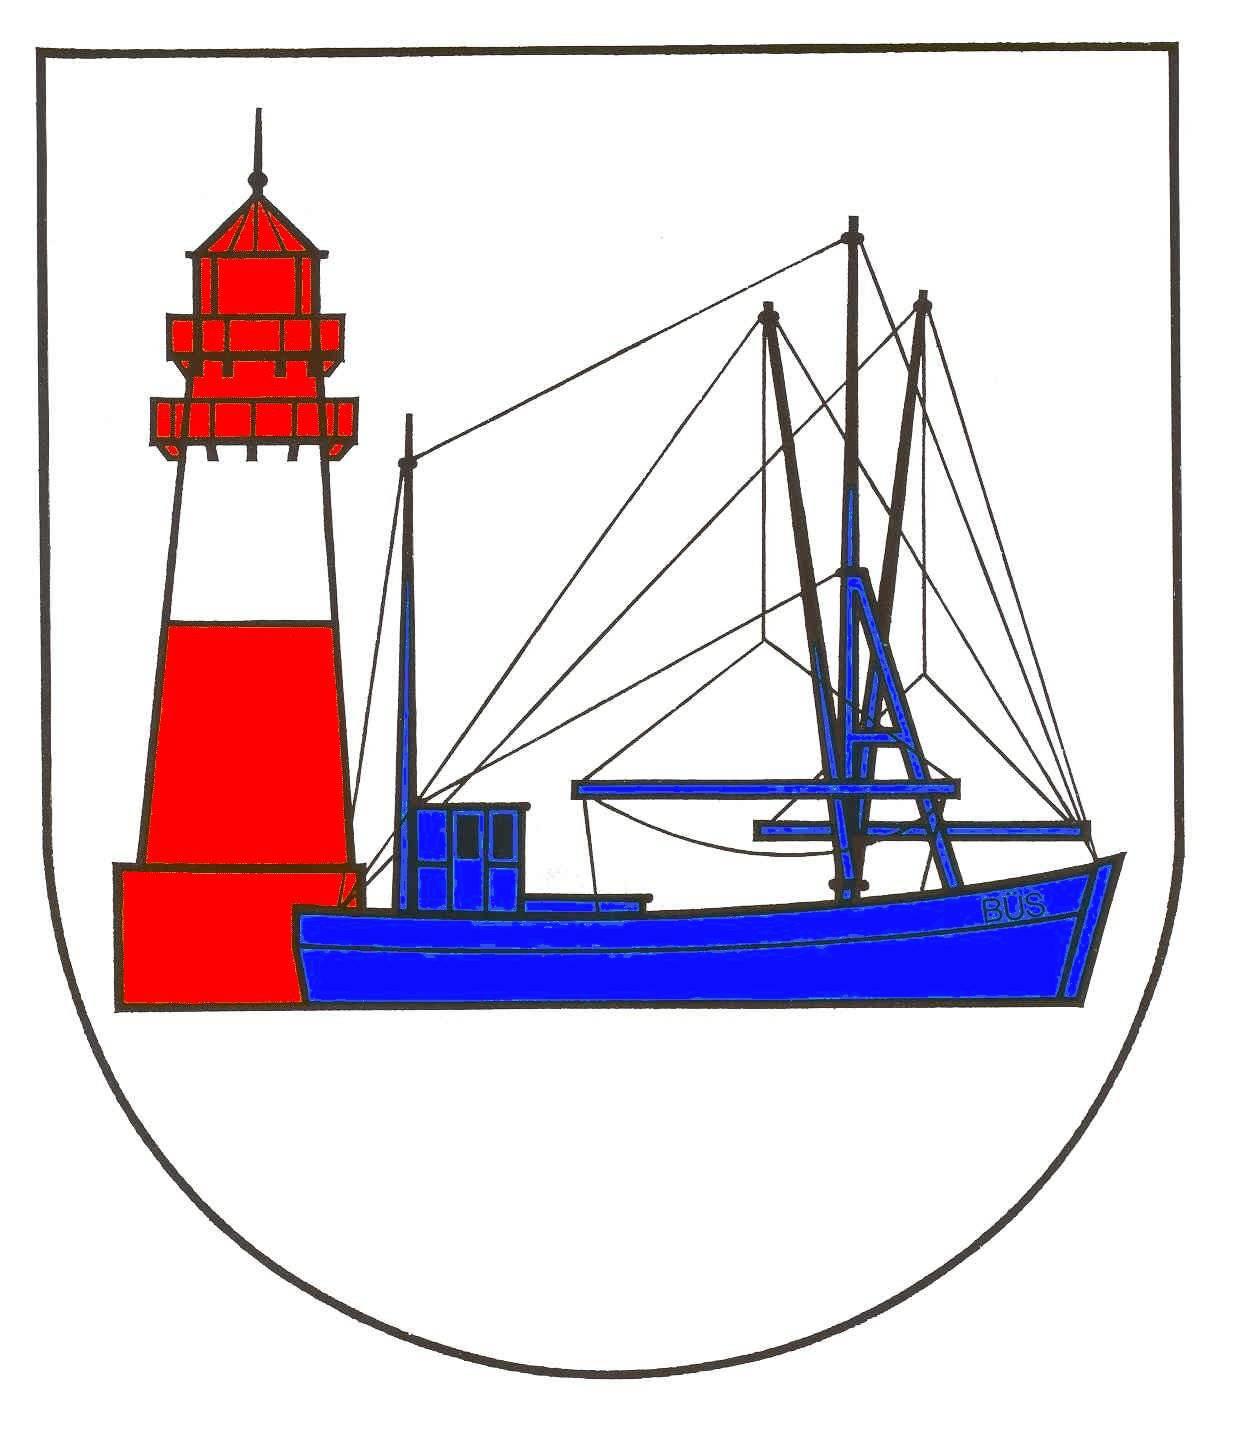 Wappen GemeindeBüsum, Kreis Dithmarschen